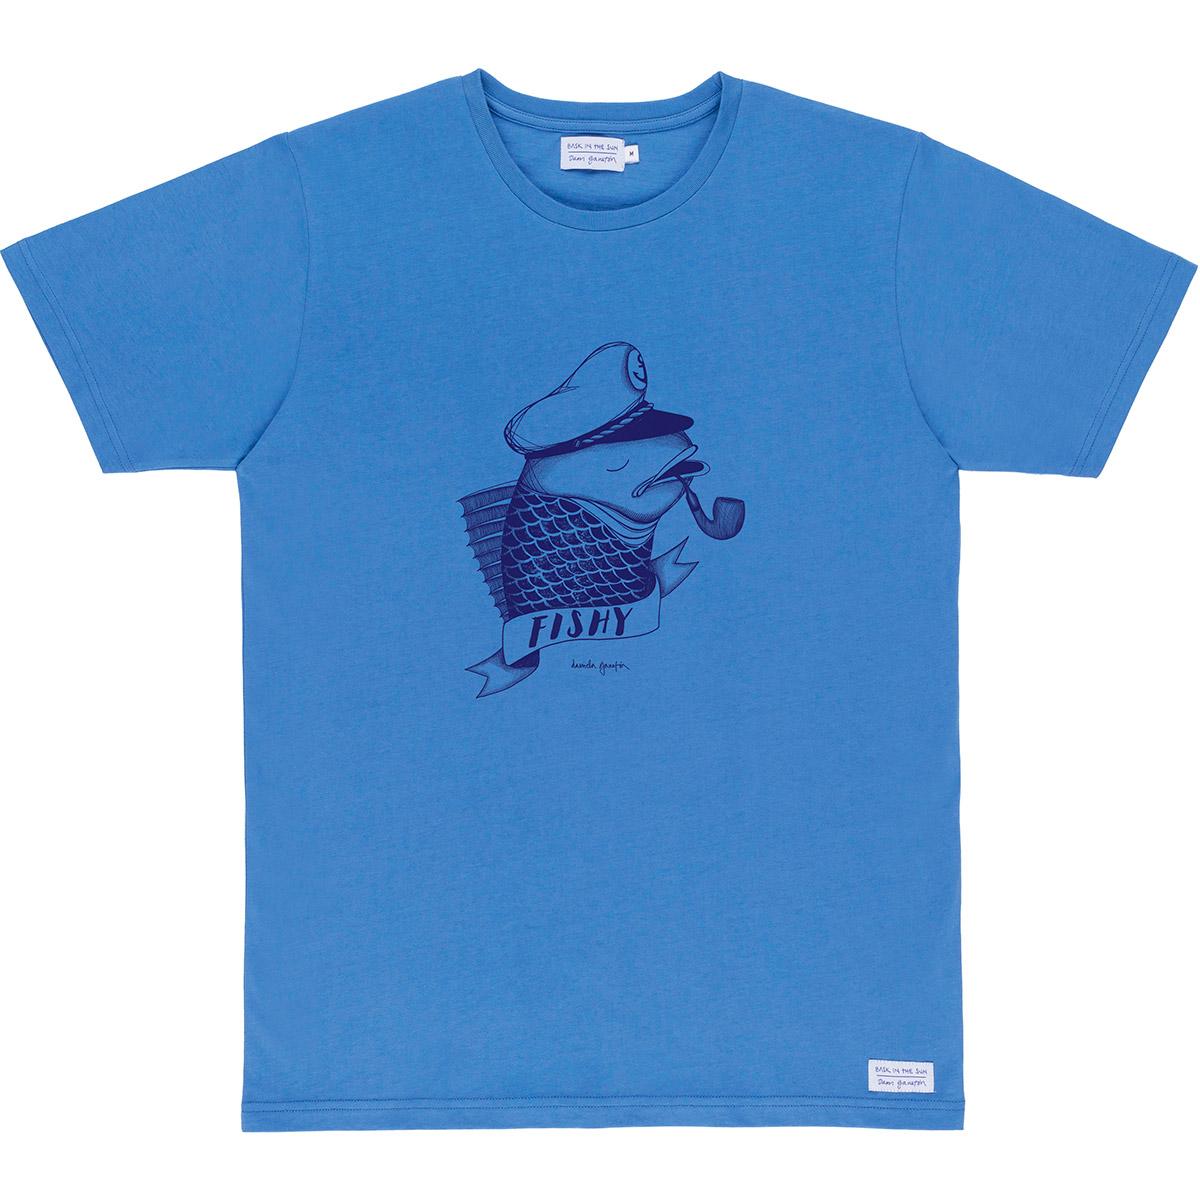 T-shirt en coton bio blue fishy - Bask in the Sun num 0